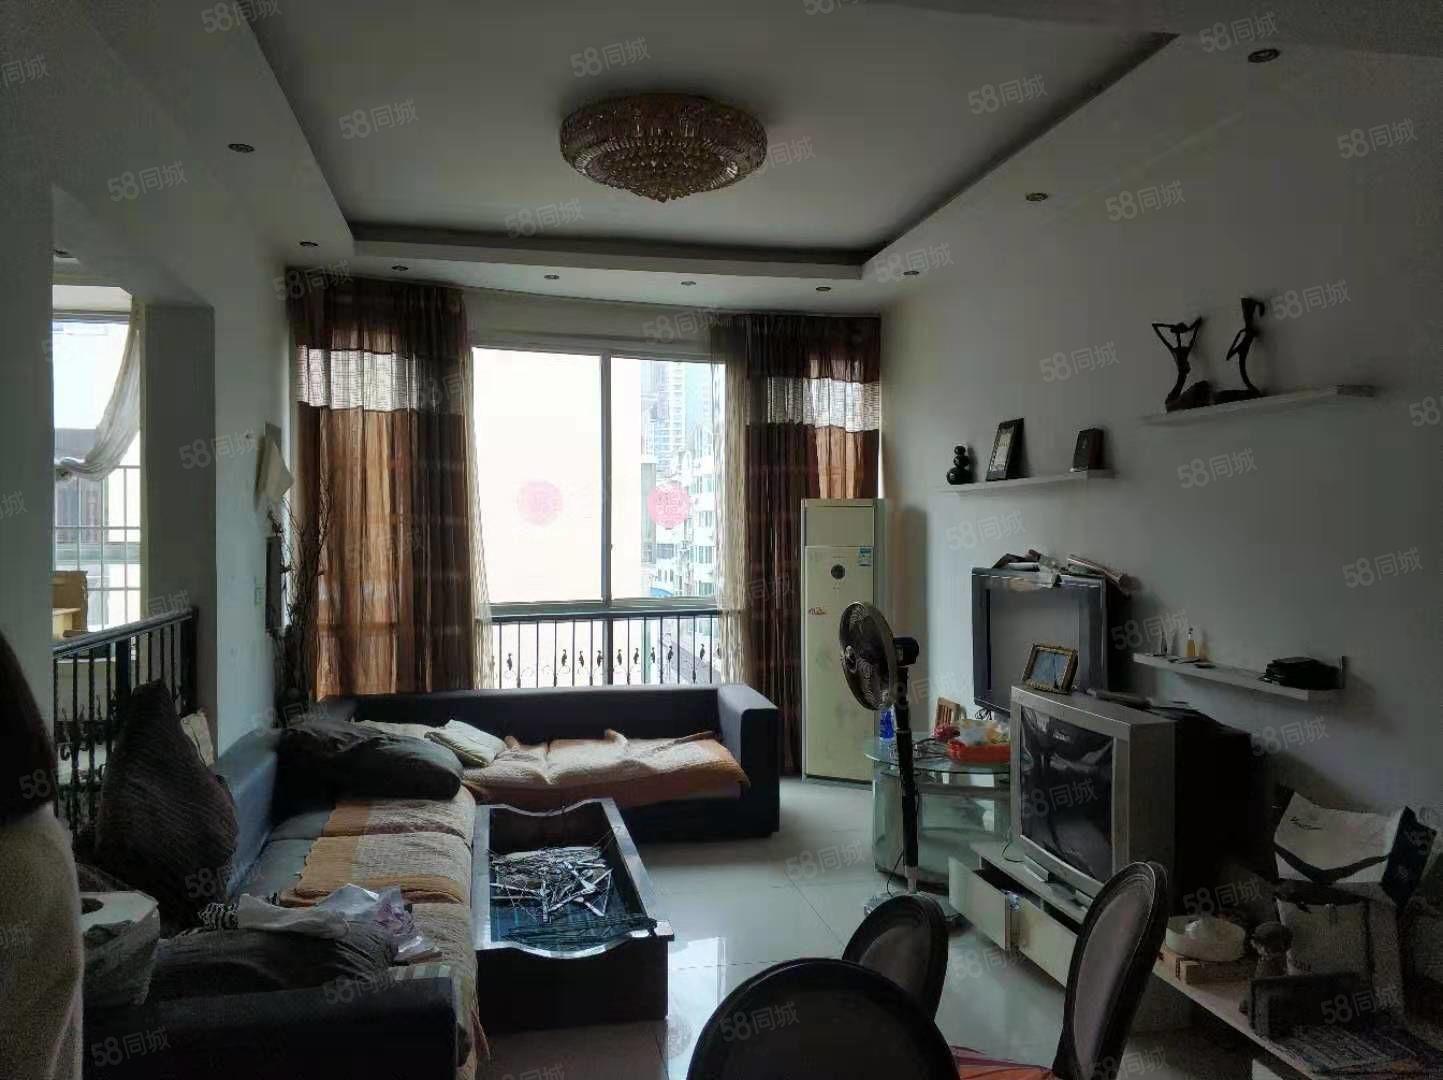 锦江广场,精装复式楼,四室,市中心,手续齐全可按揭贷关门卖